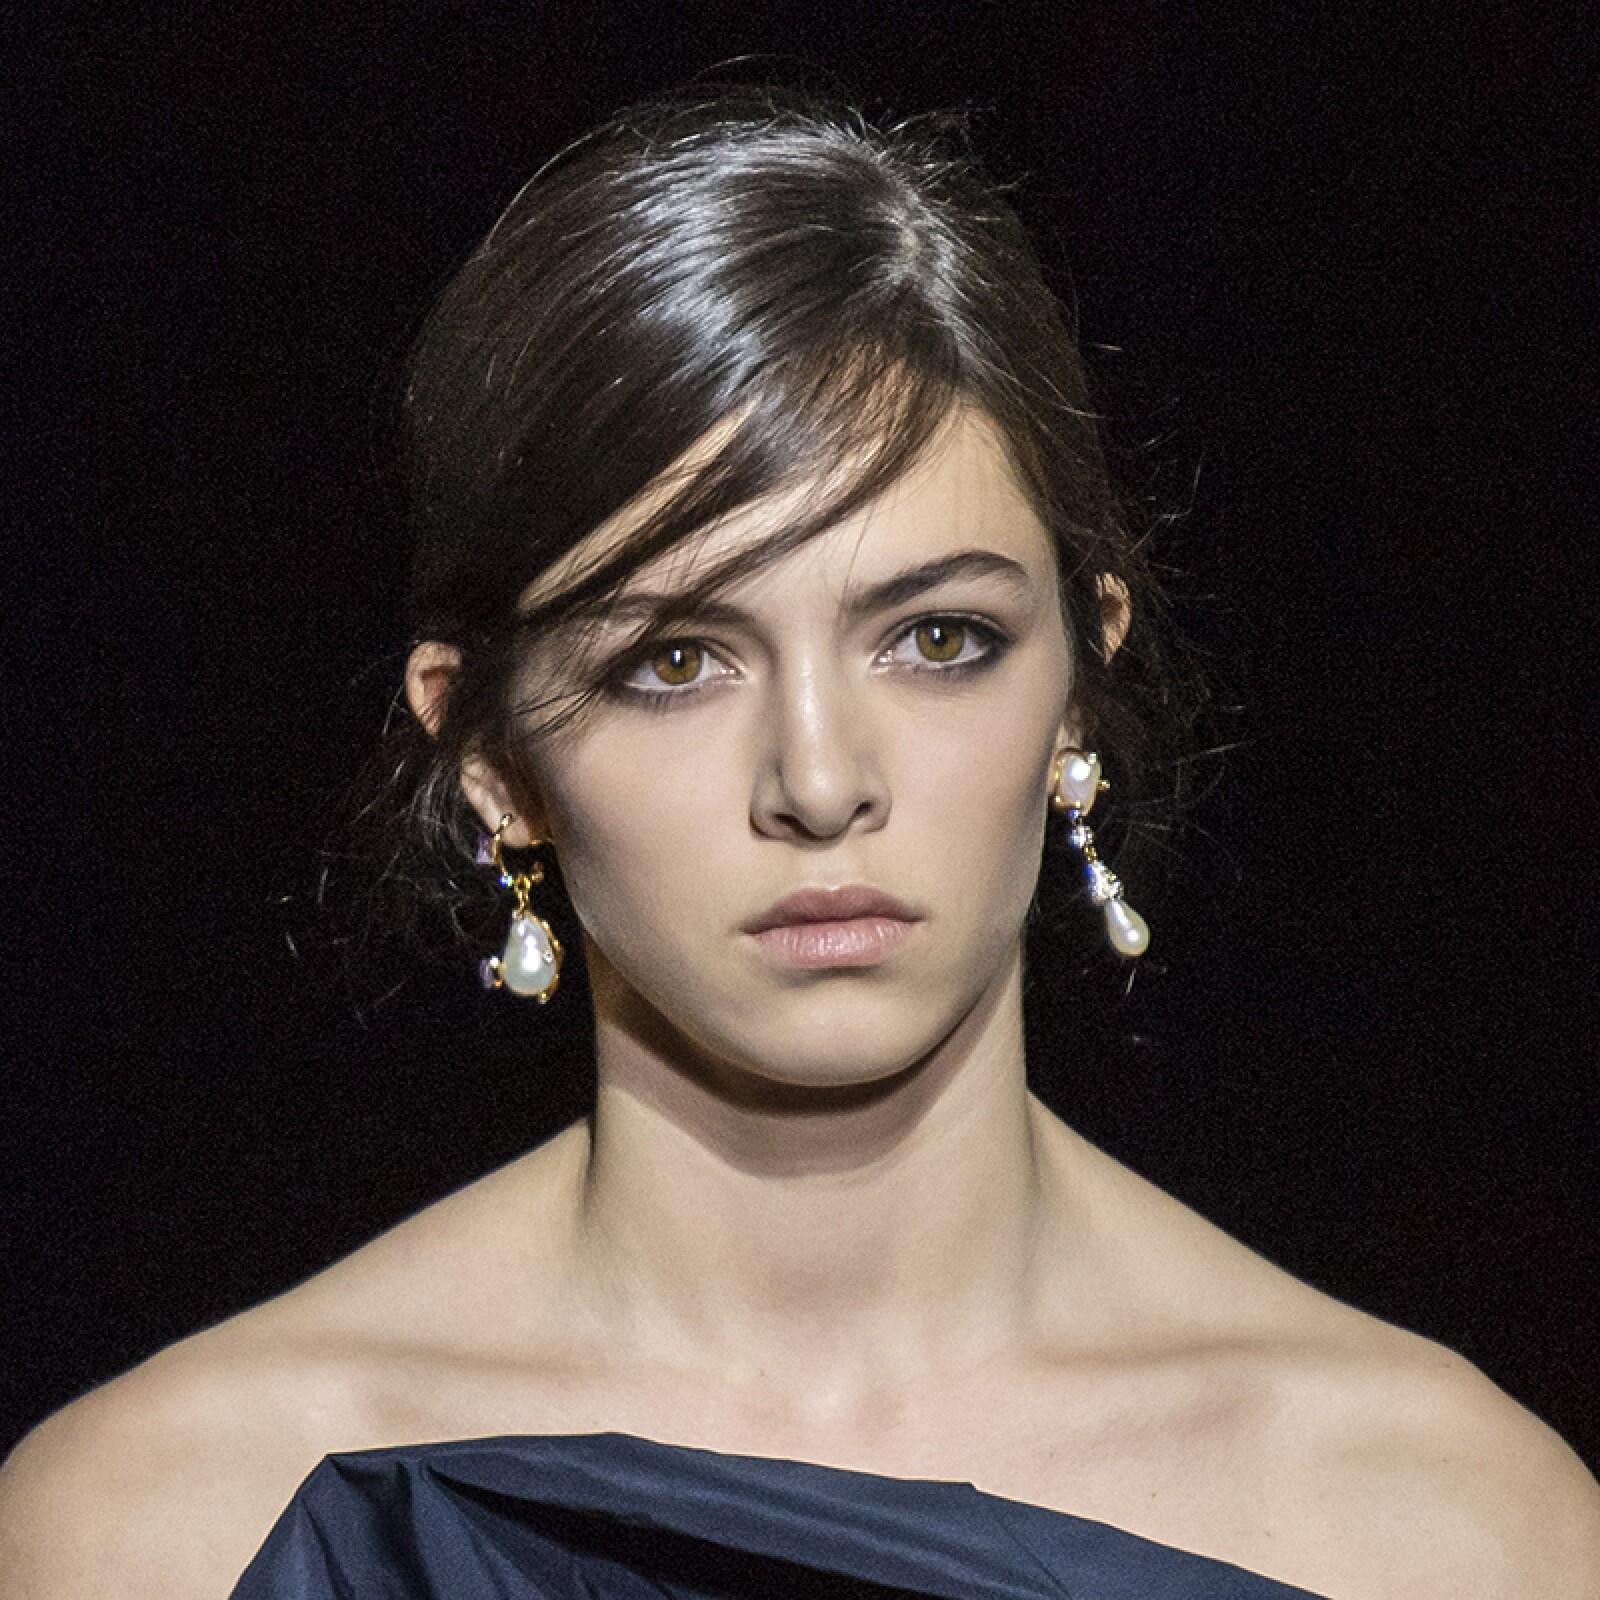 PFW-Paris-Fashion-Week-Runway-Pasarela-Beauty-Look-Belleza-Givenchy